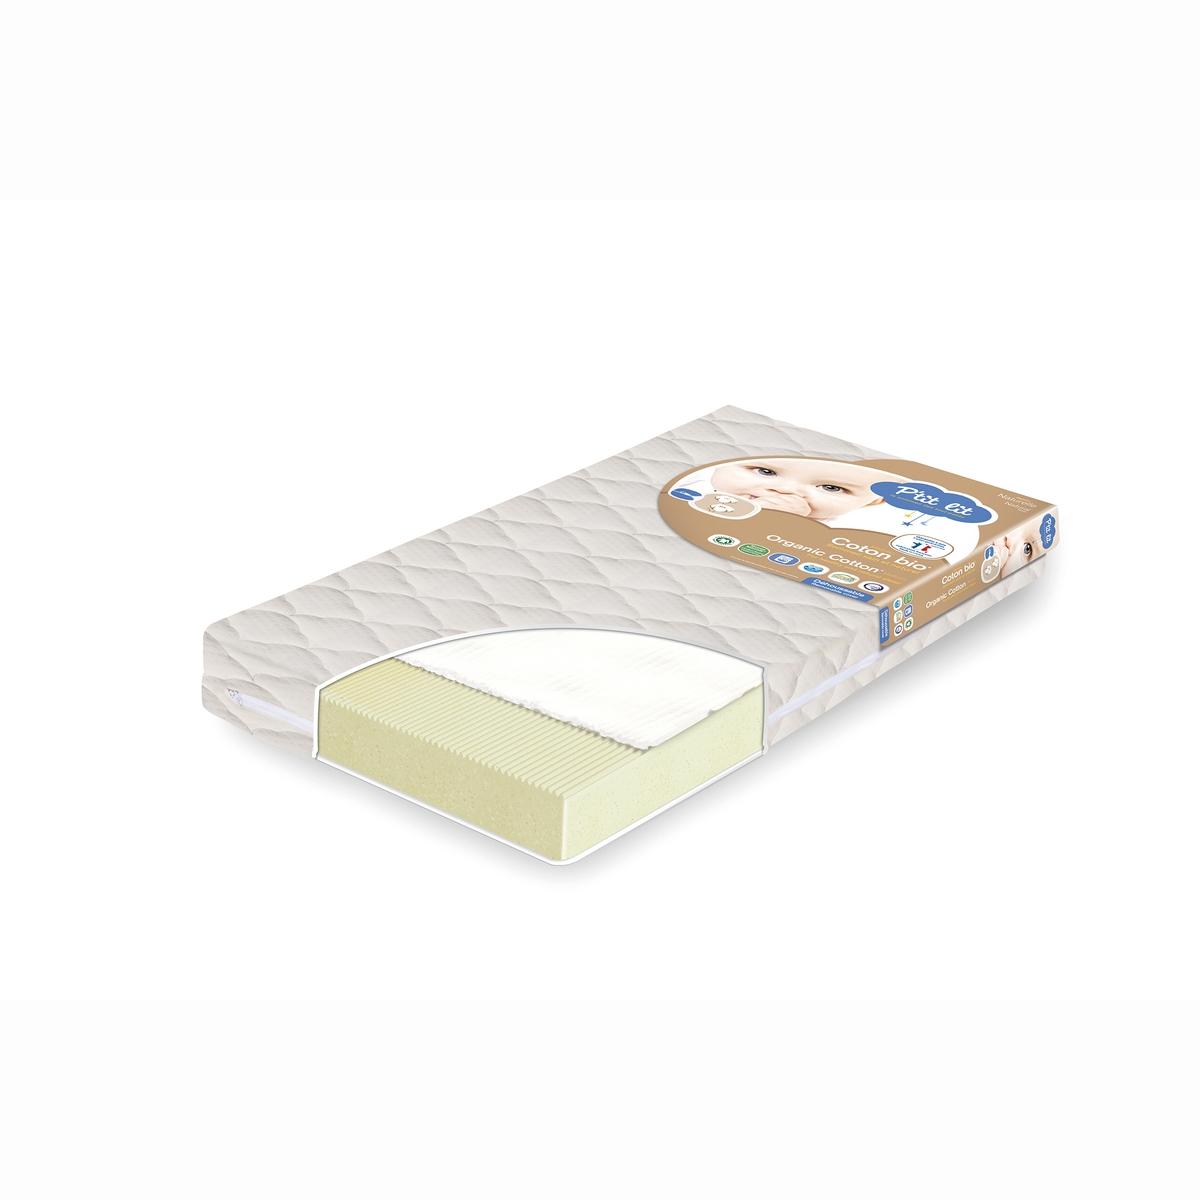 Colchón para bebé de algodón ecológico - P'TIT LIT